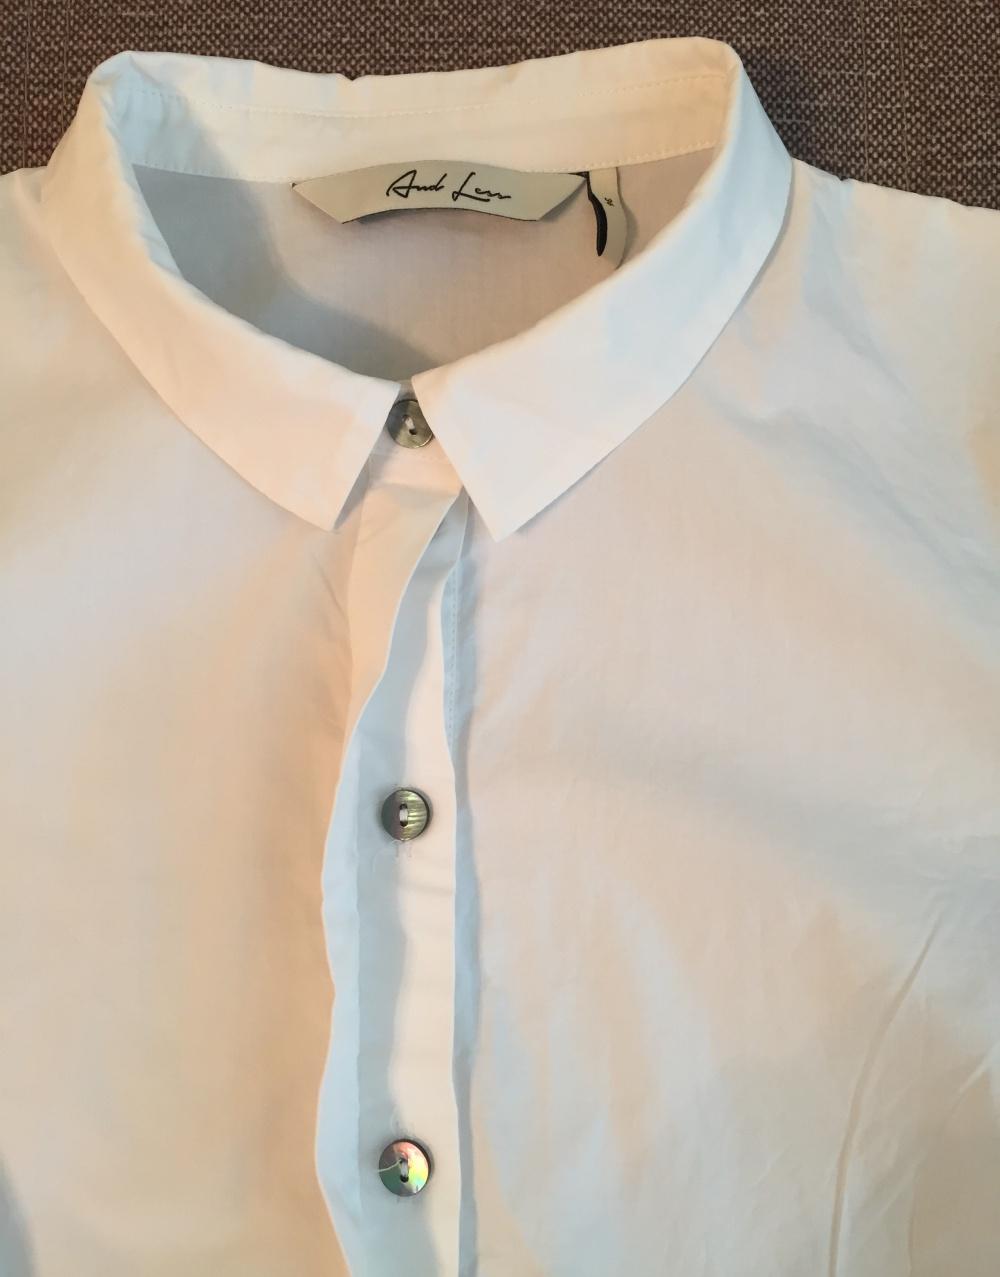 Рубашка And less, размер 44